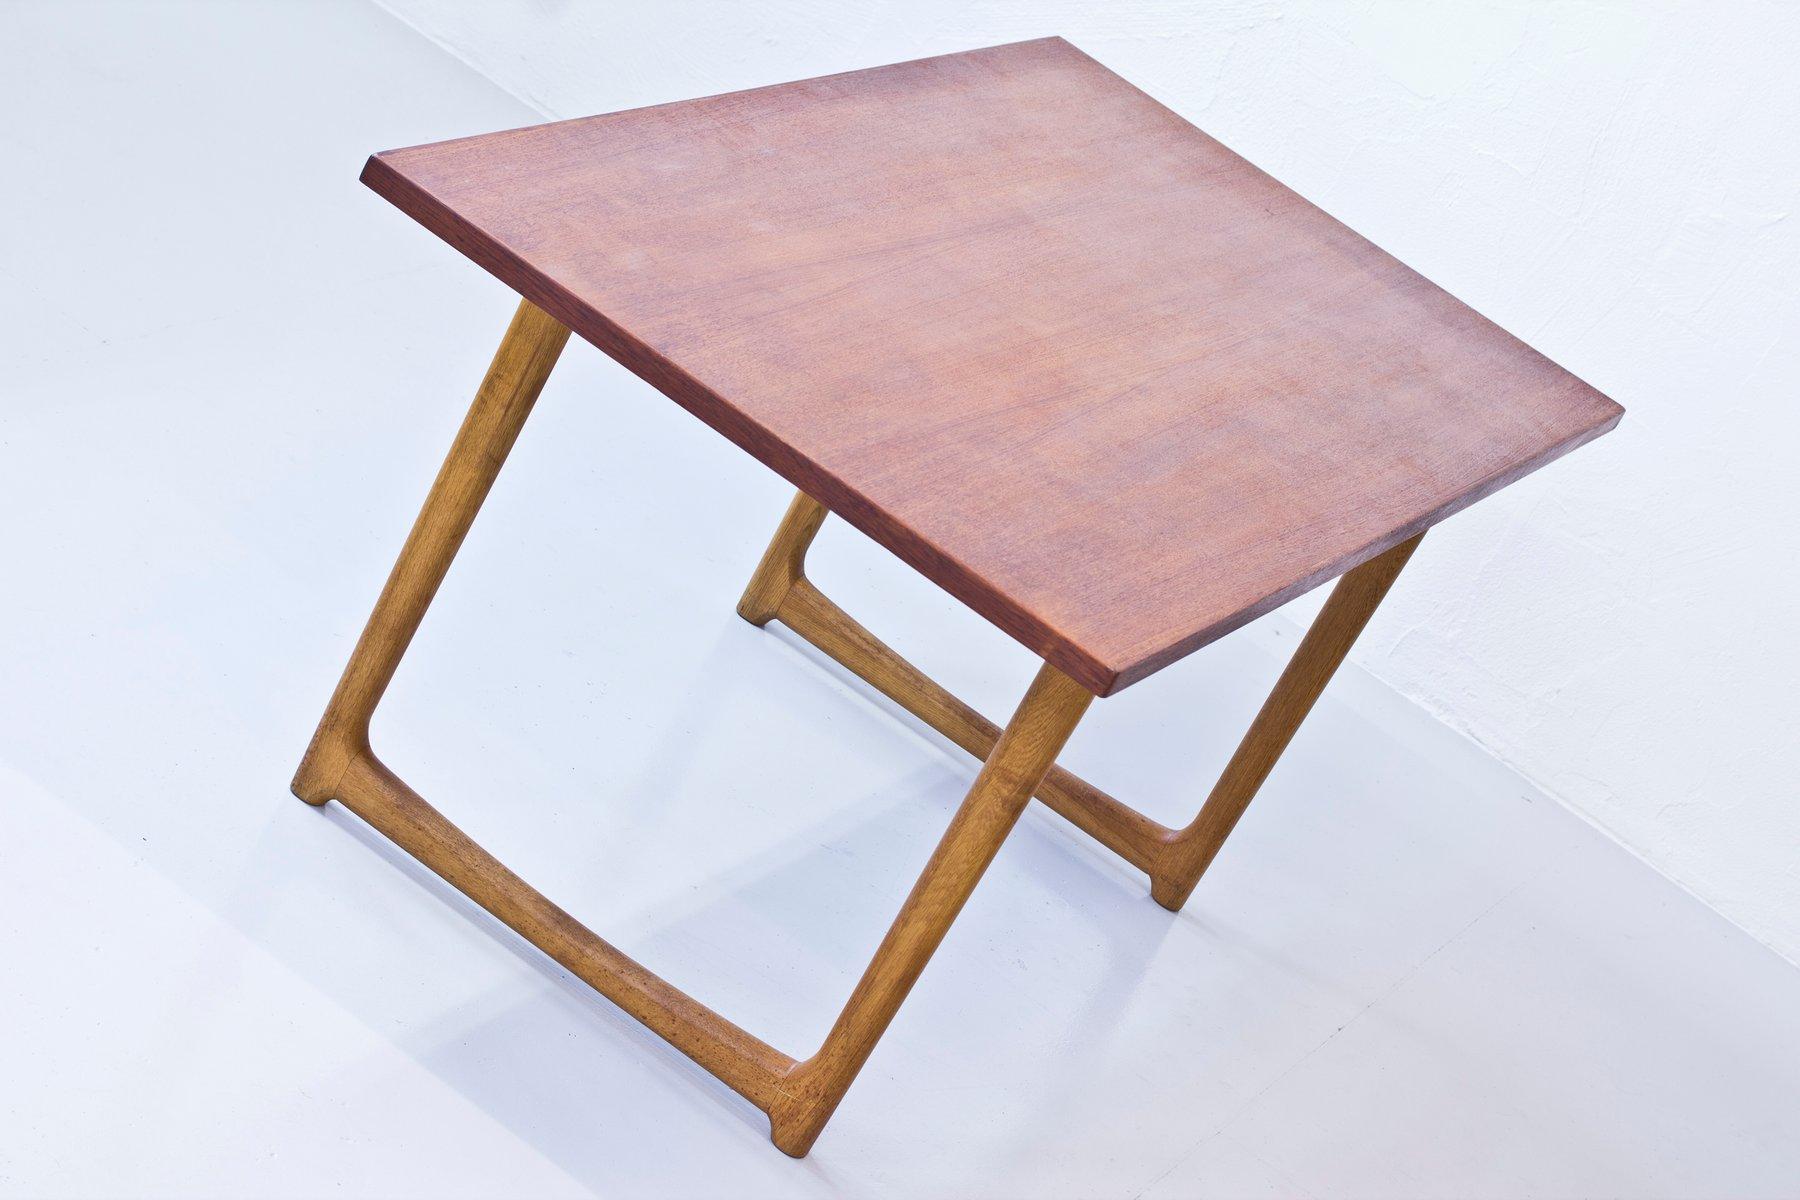 D nischer esstisch aus eichenholz teak bei pamono kaufen for Eichenholz esstisch